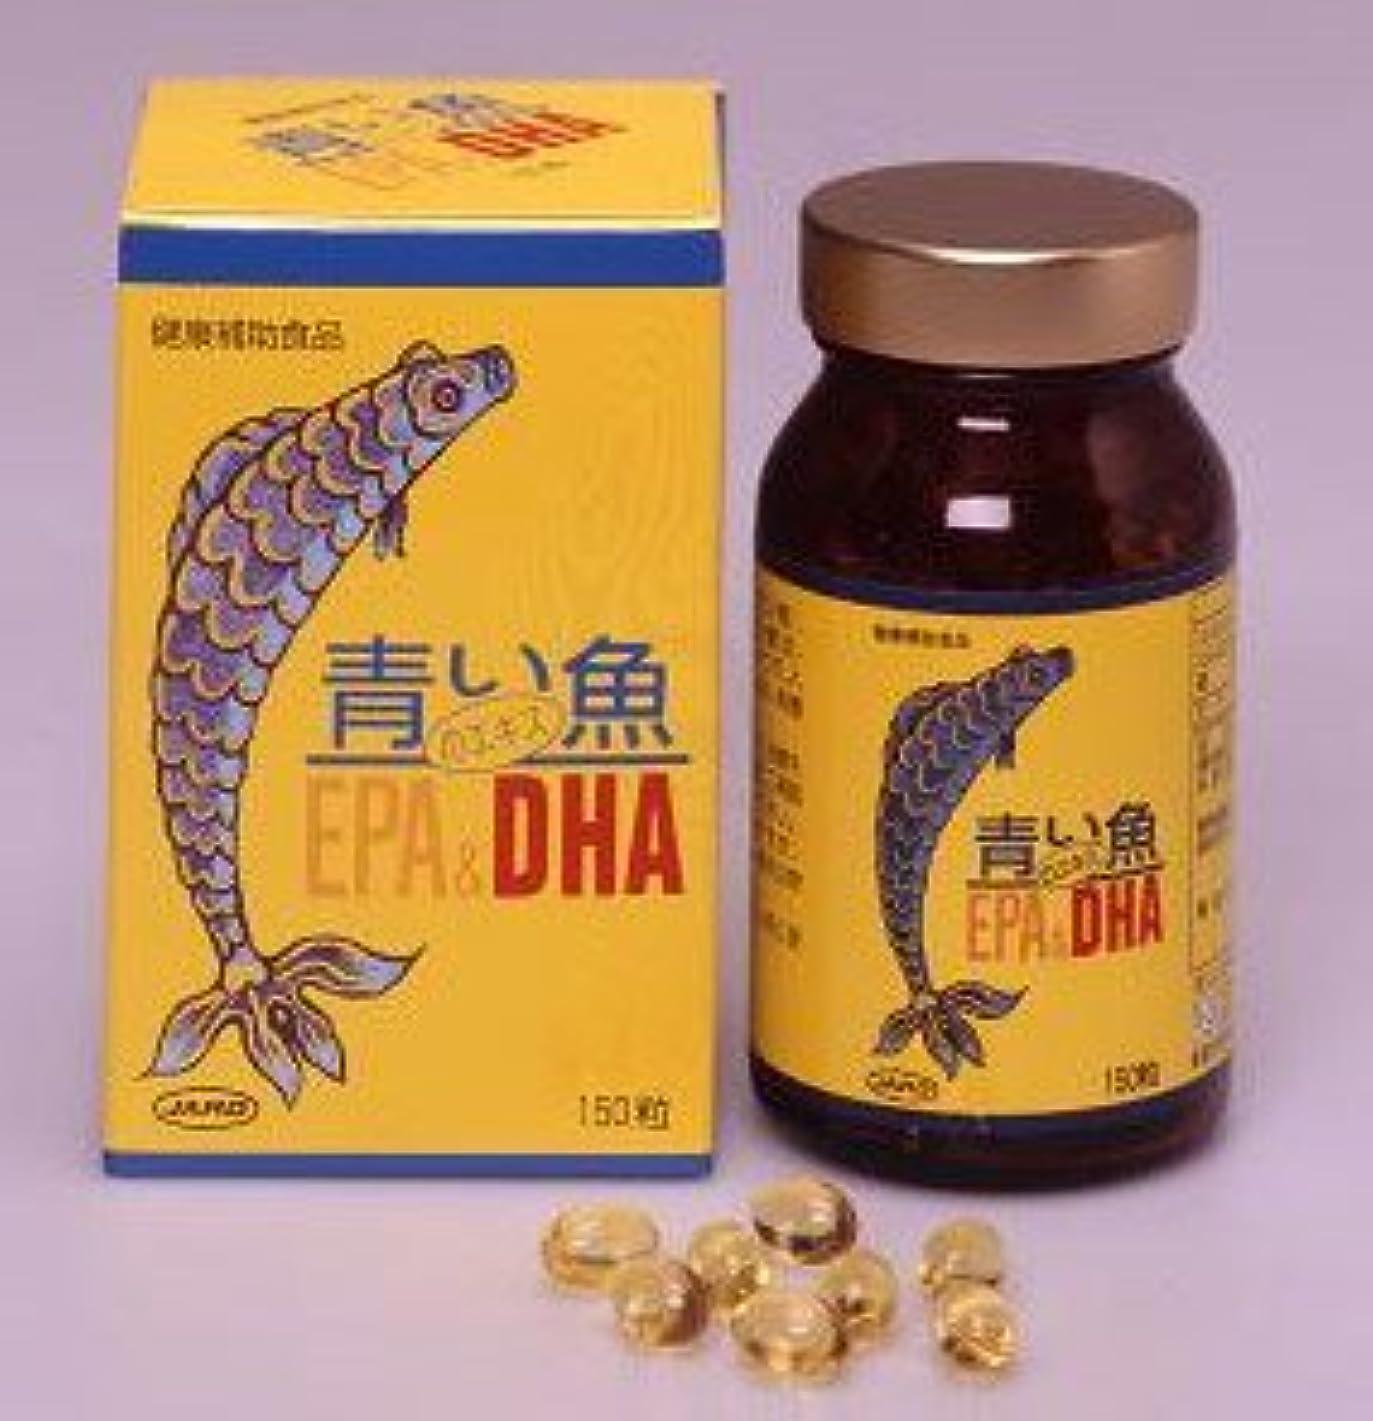 鯨理論的試み青い魚のエキスEPA&DHA(単品)ジャード